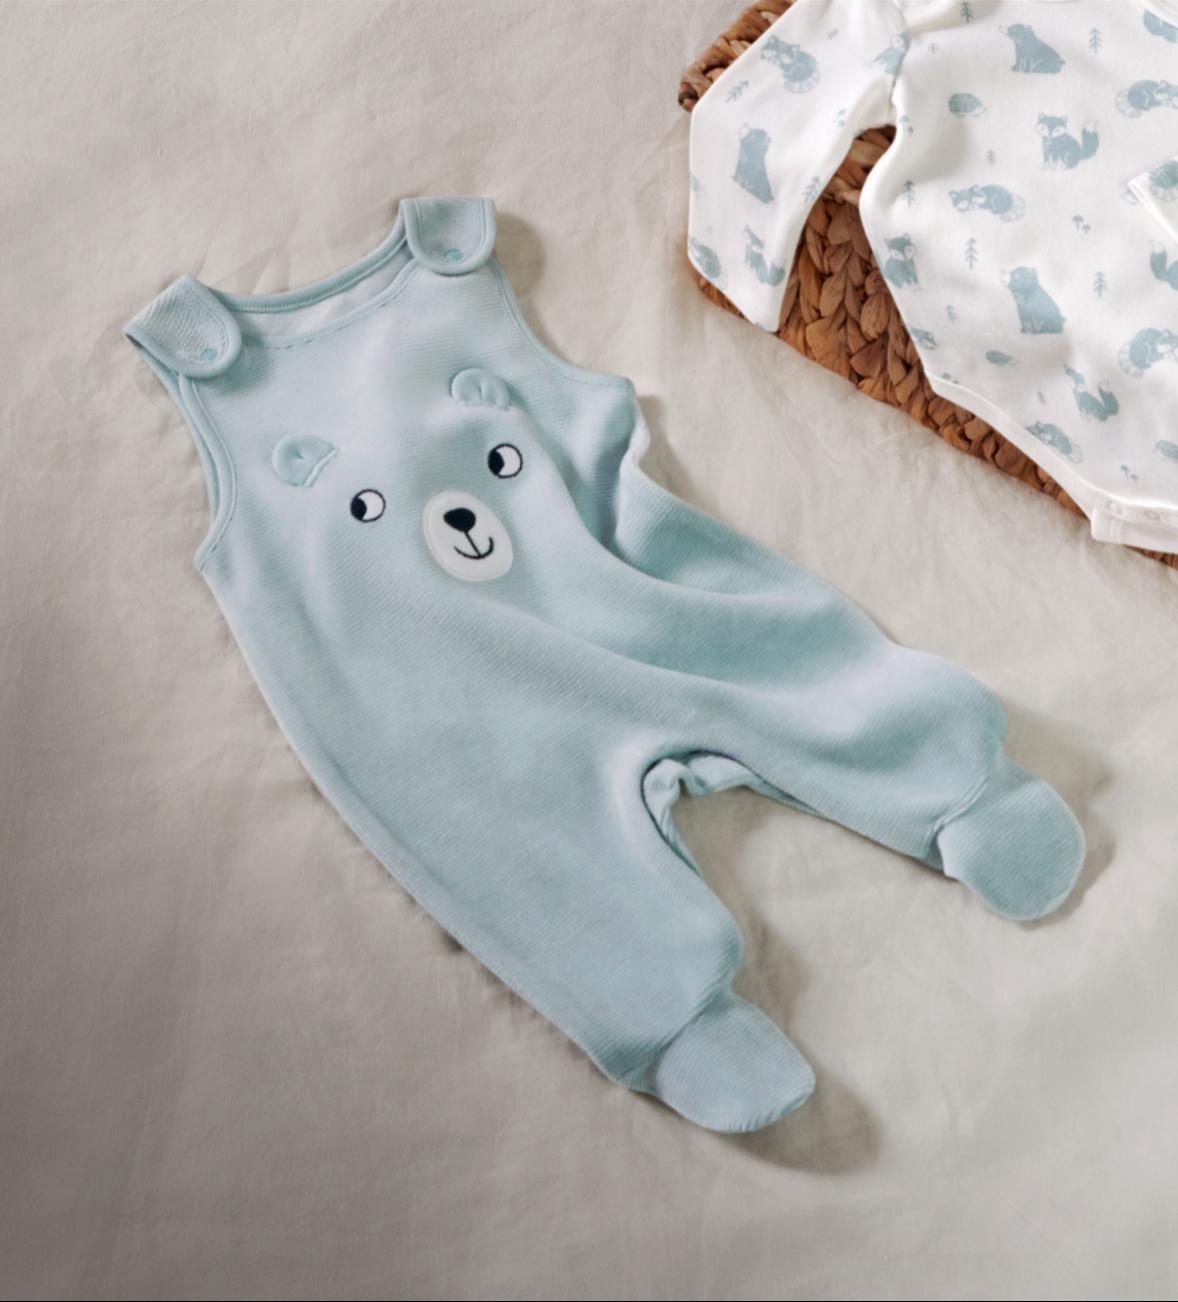 Baby-Erstausstattung: Strampler & Bodies in verschiedenen Farben